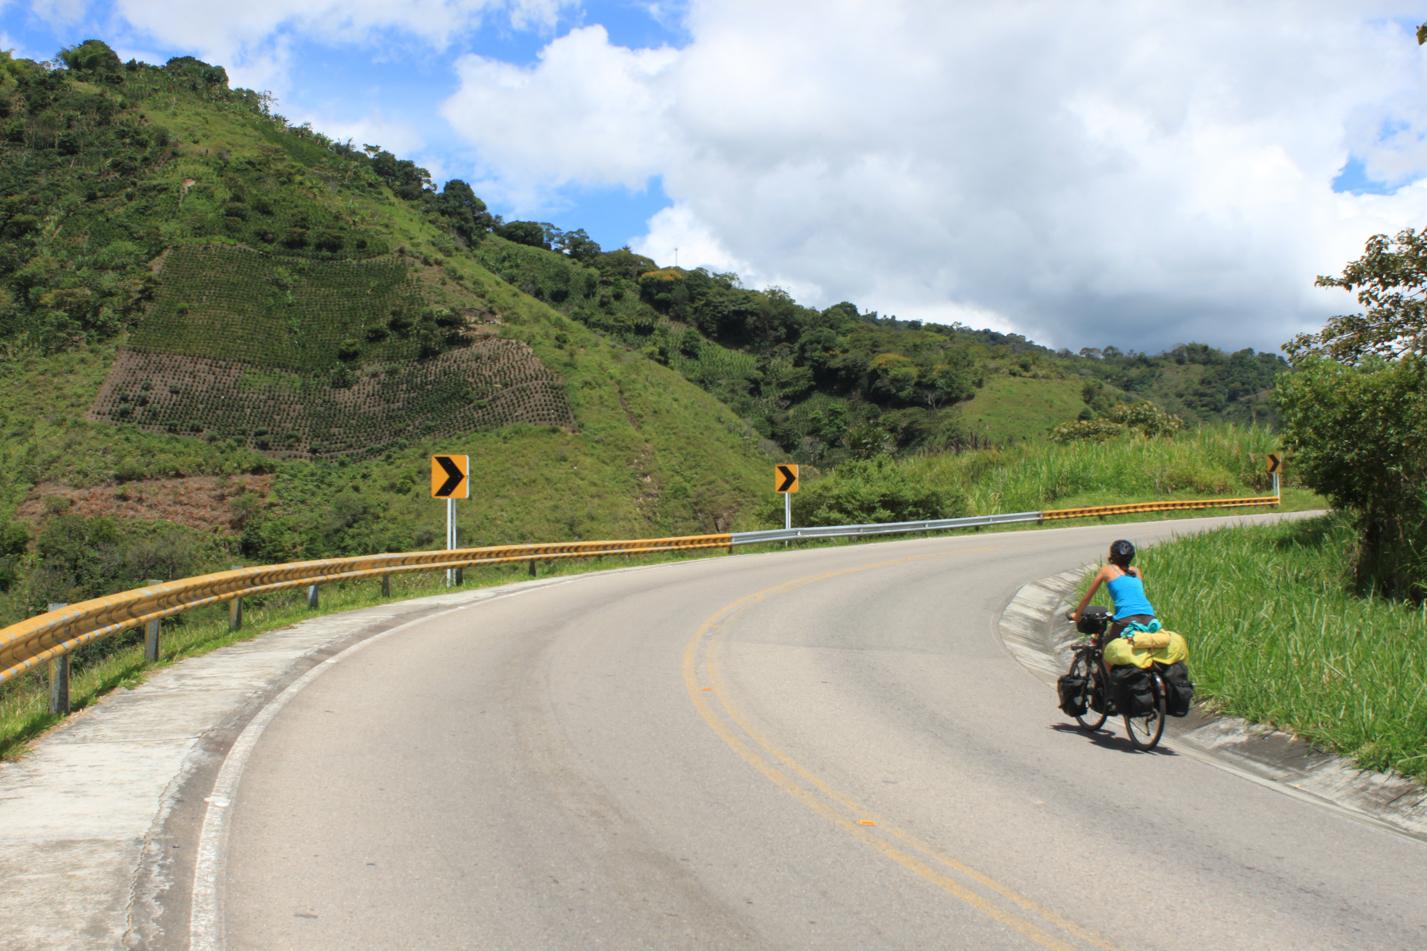 Kurve für Kurve schrauben wir uns nach San Augustin.